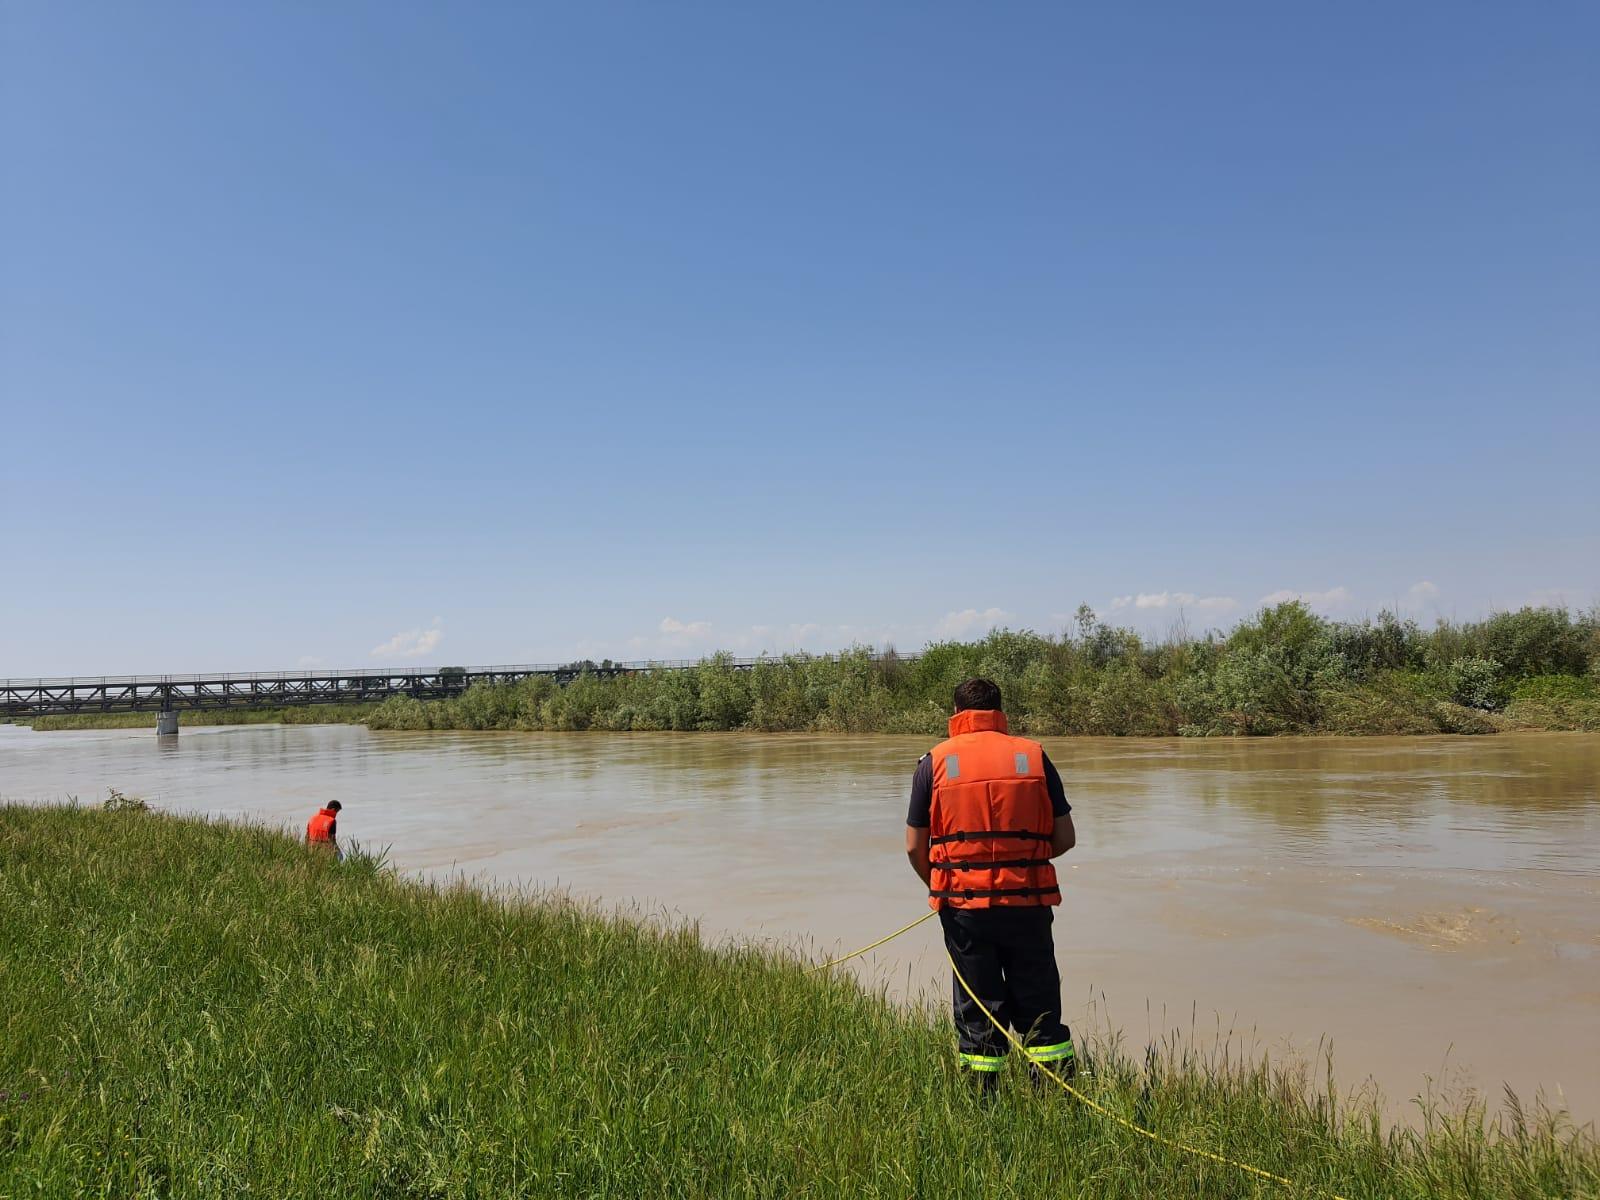 A fost găsit trupul bărbatului dispărut în apele râului Siret